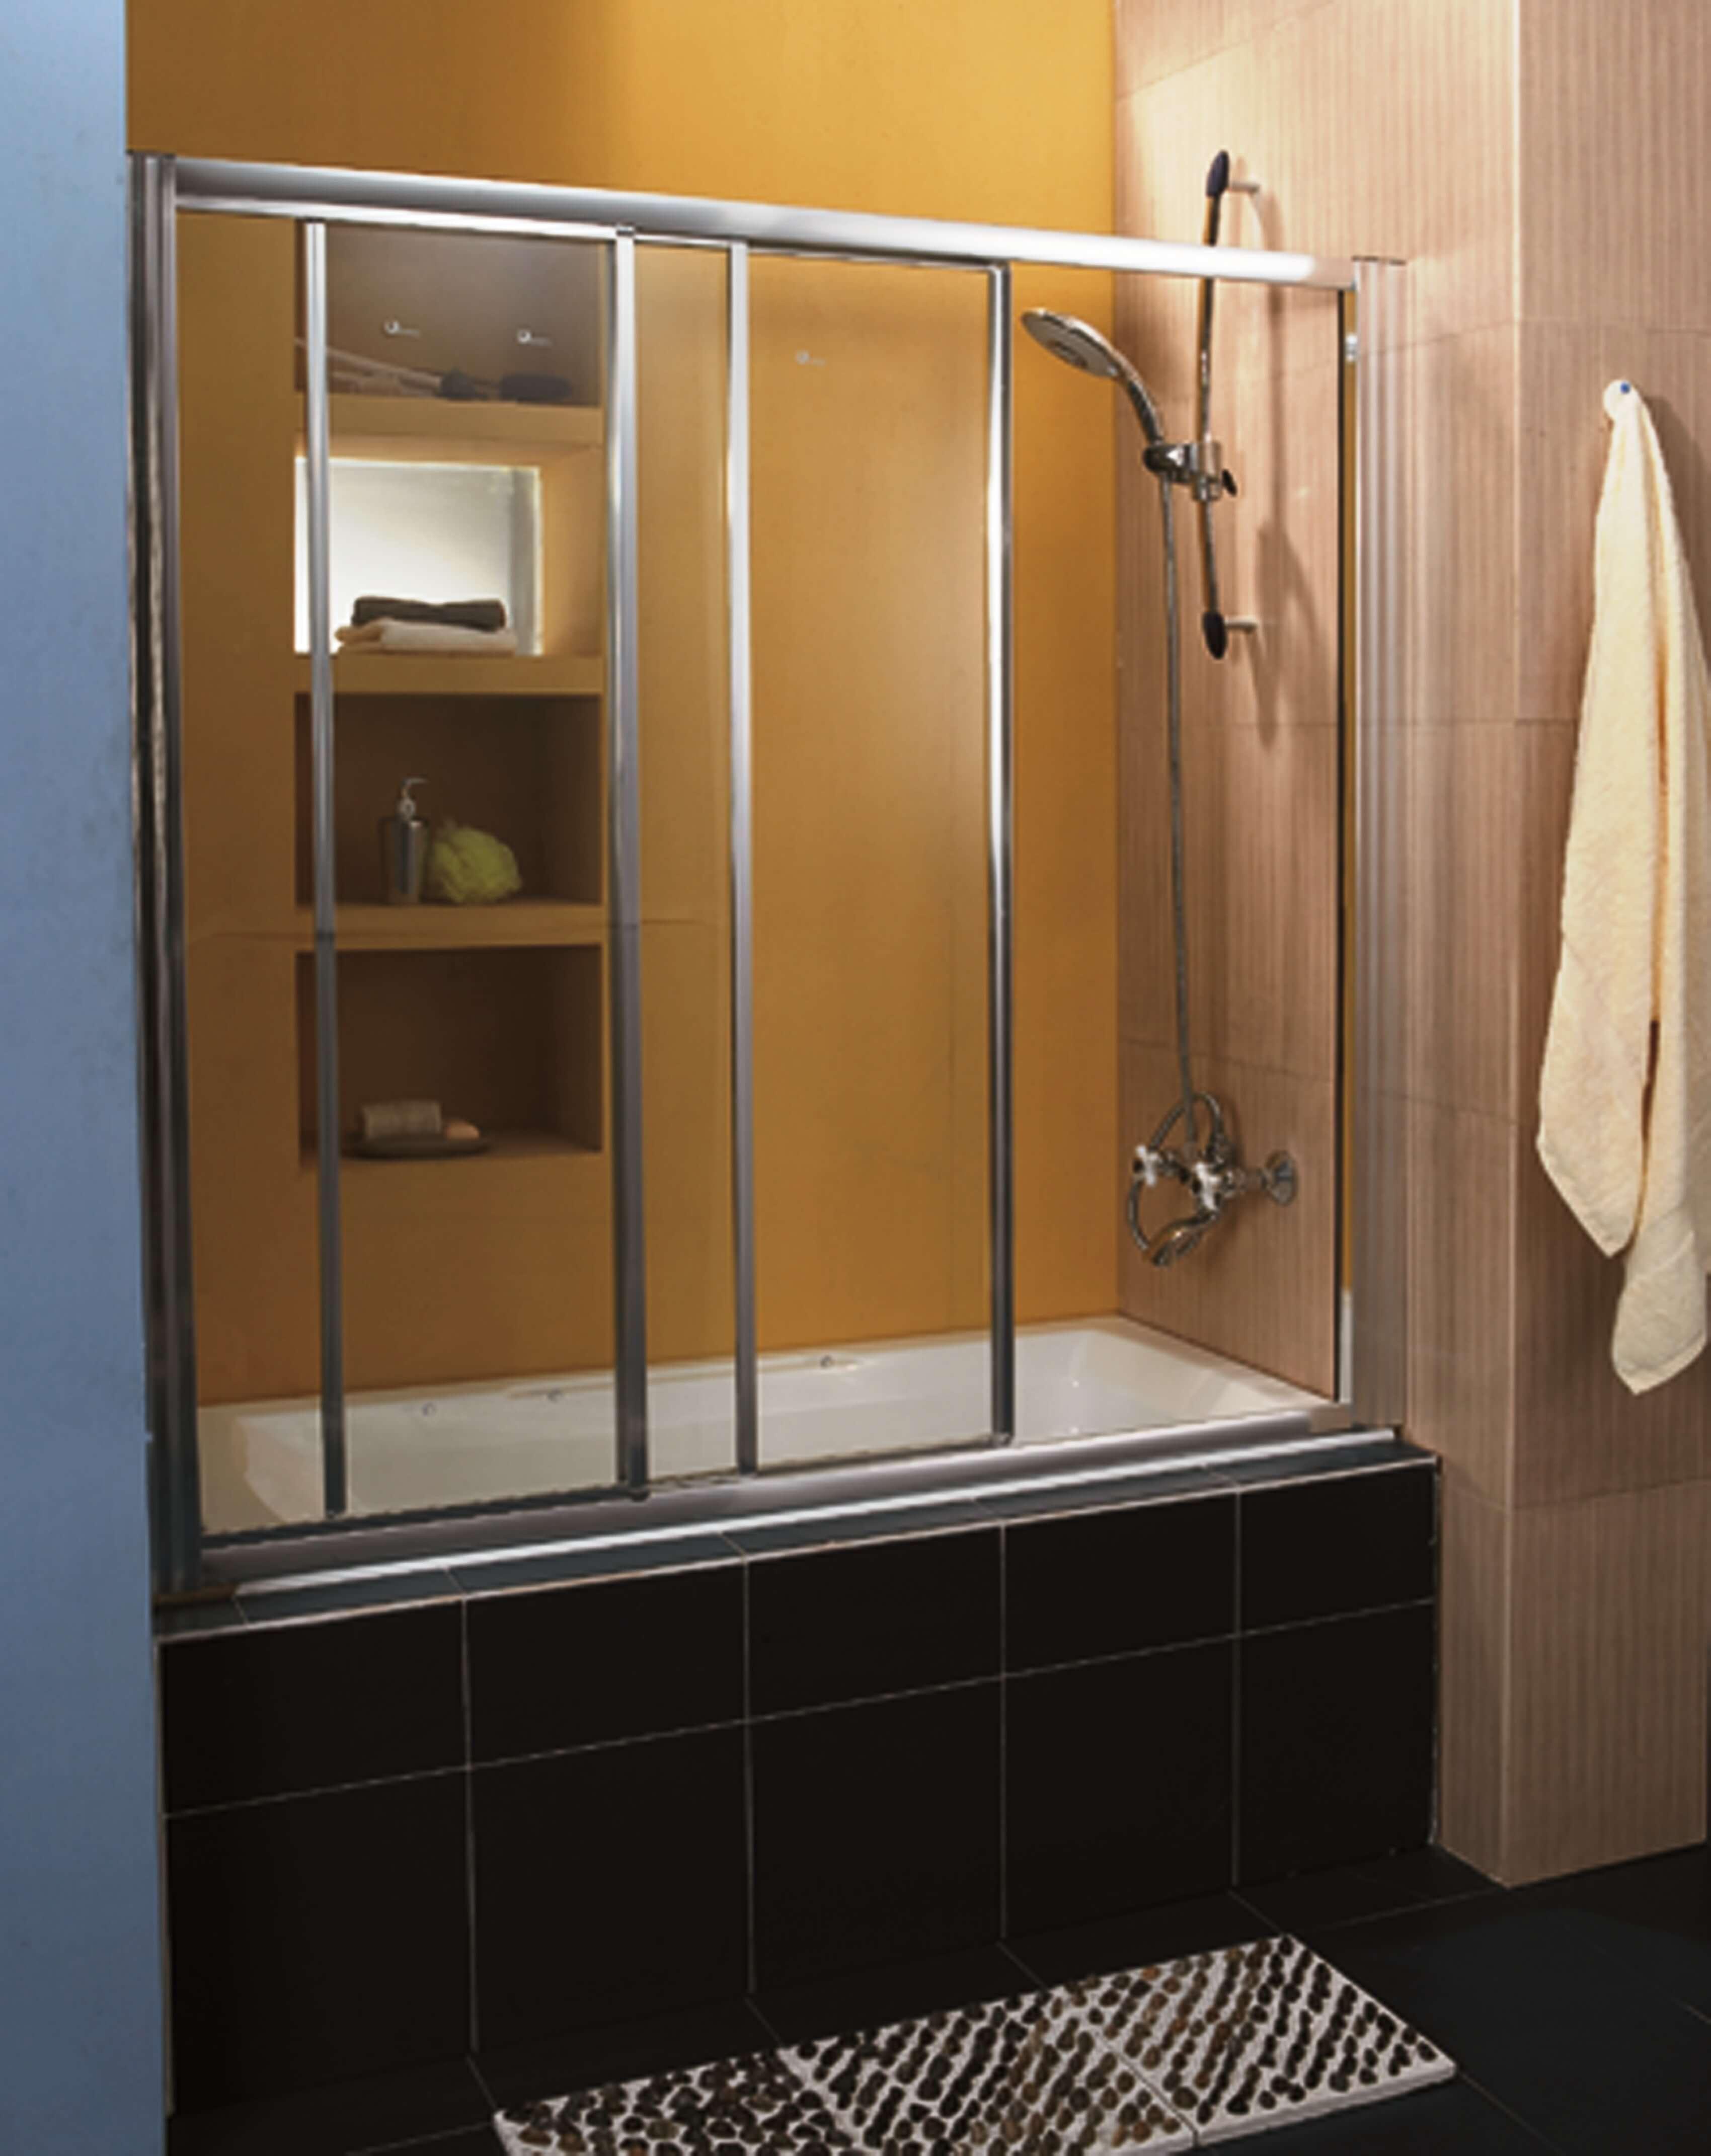 מקלחונים מעוגלים ופינתיים